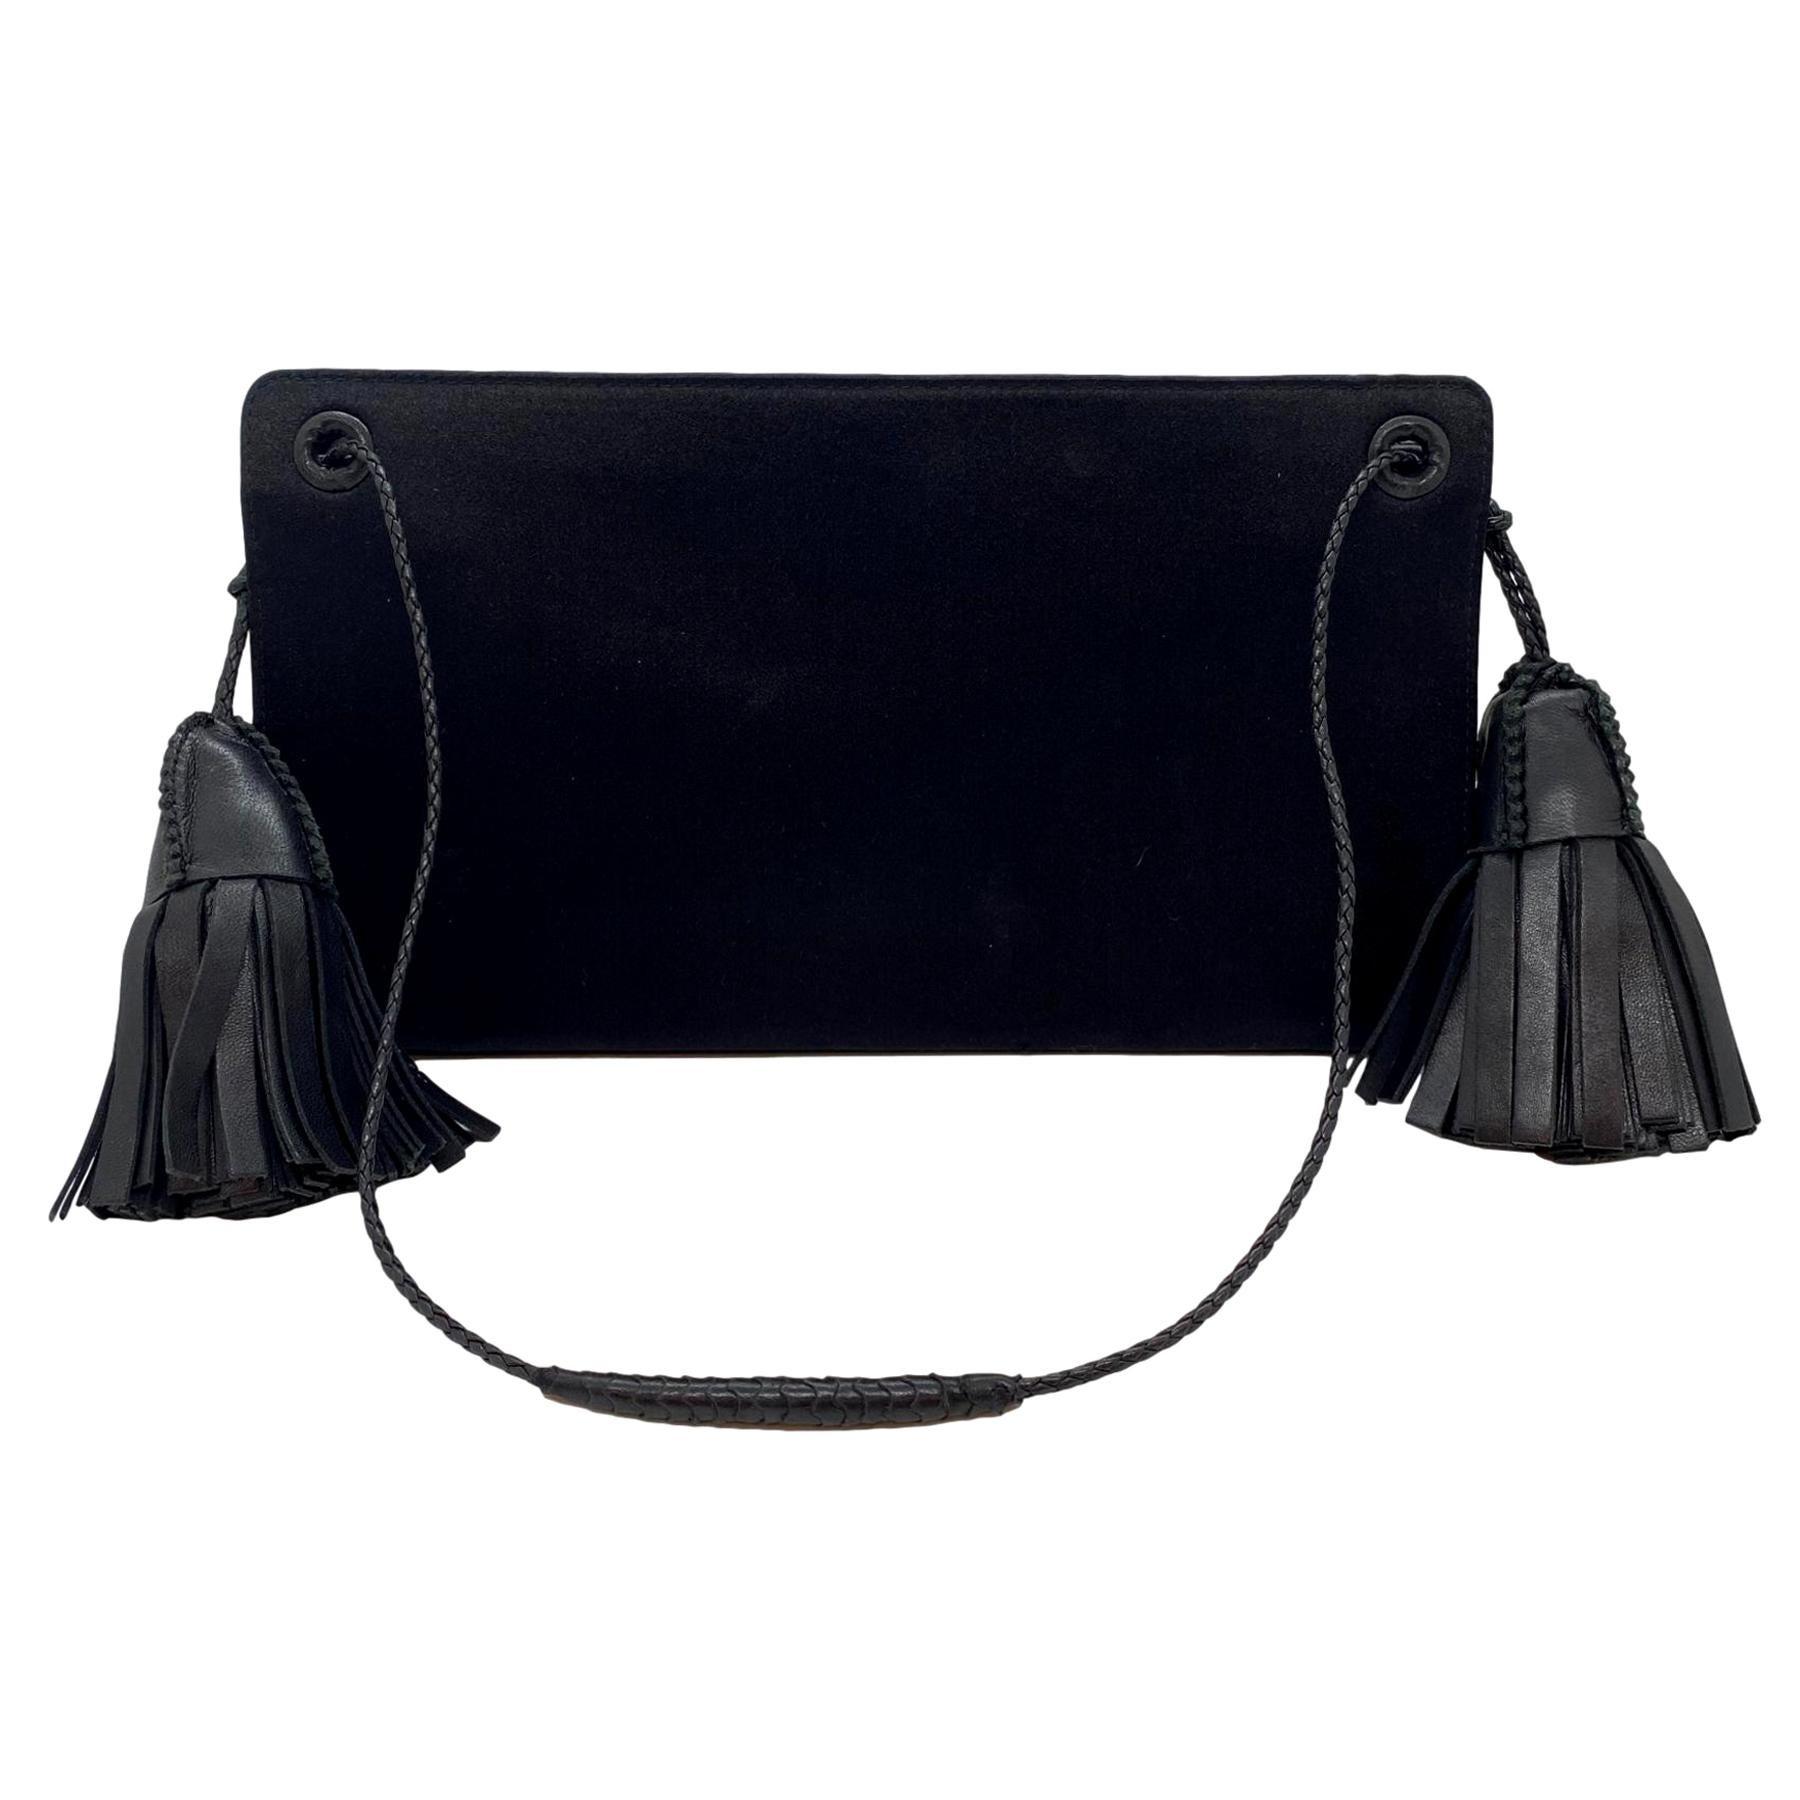 Vintage Bottega Veneta Double Tassel Satin Evening Clutch Shoulder Bag